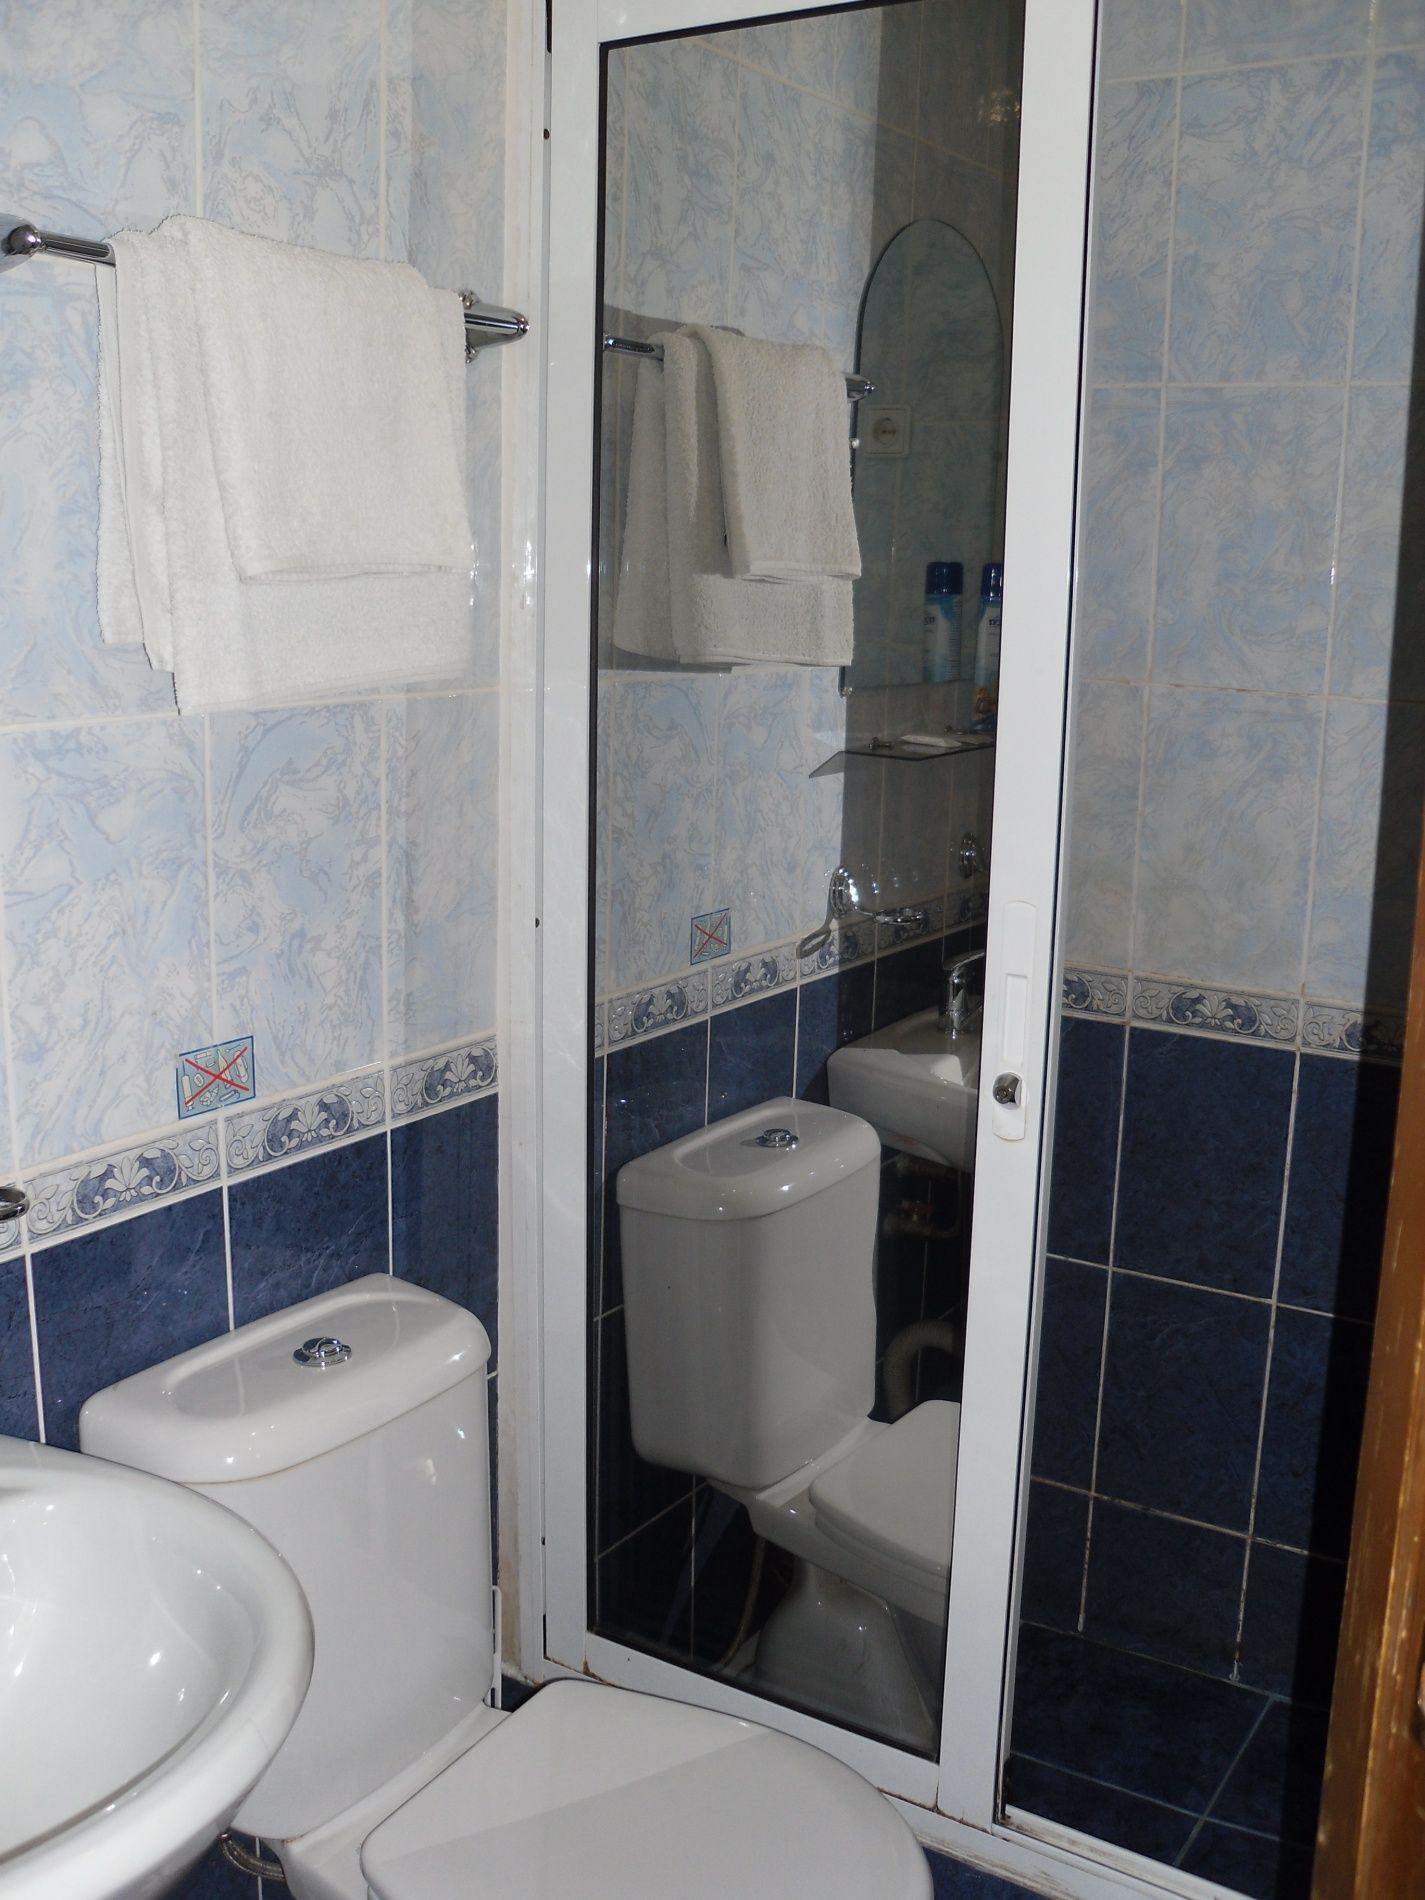 Туристический комплекс «Мирная Пристань» Ивановская область 1-комнатный номер 1 категории (№ 4, 6, 19, 10), фото 12